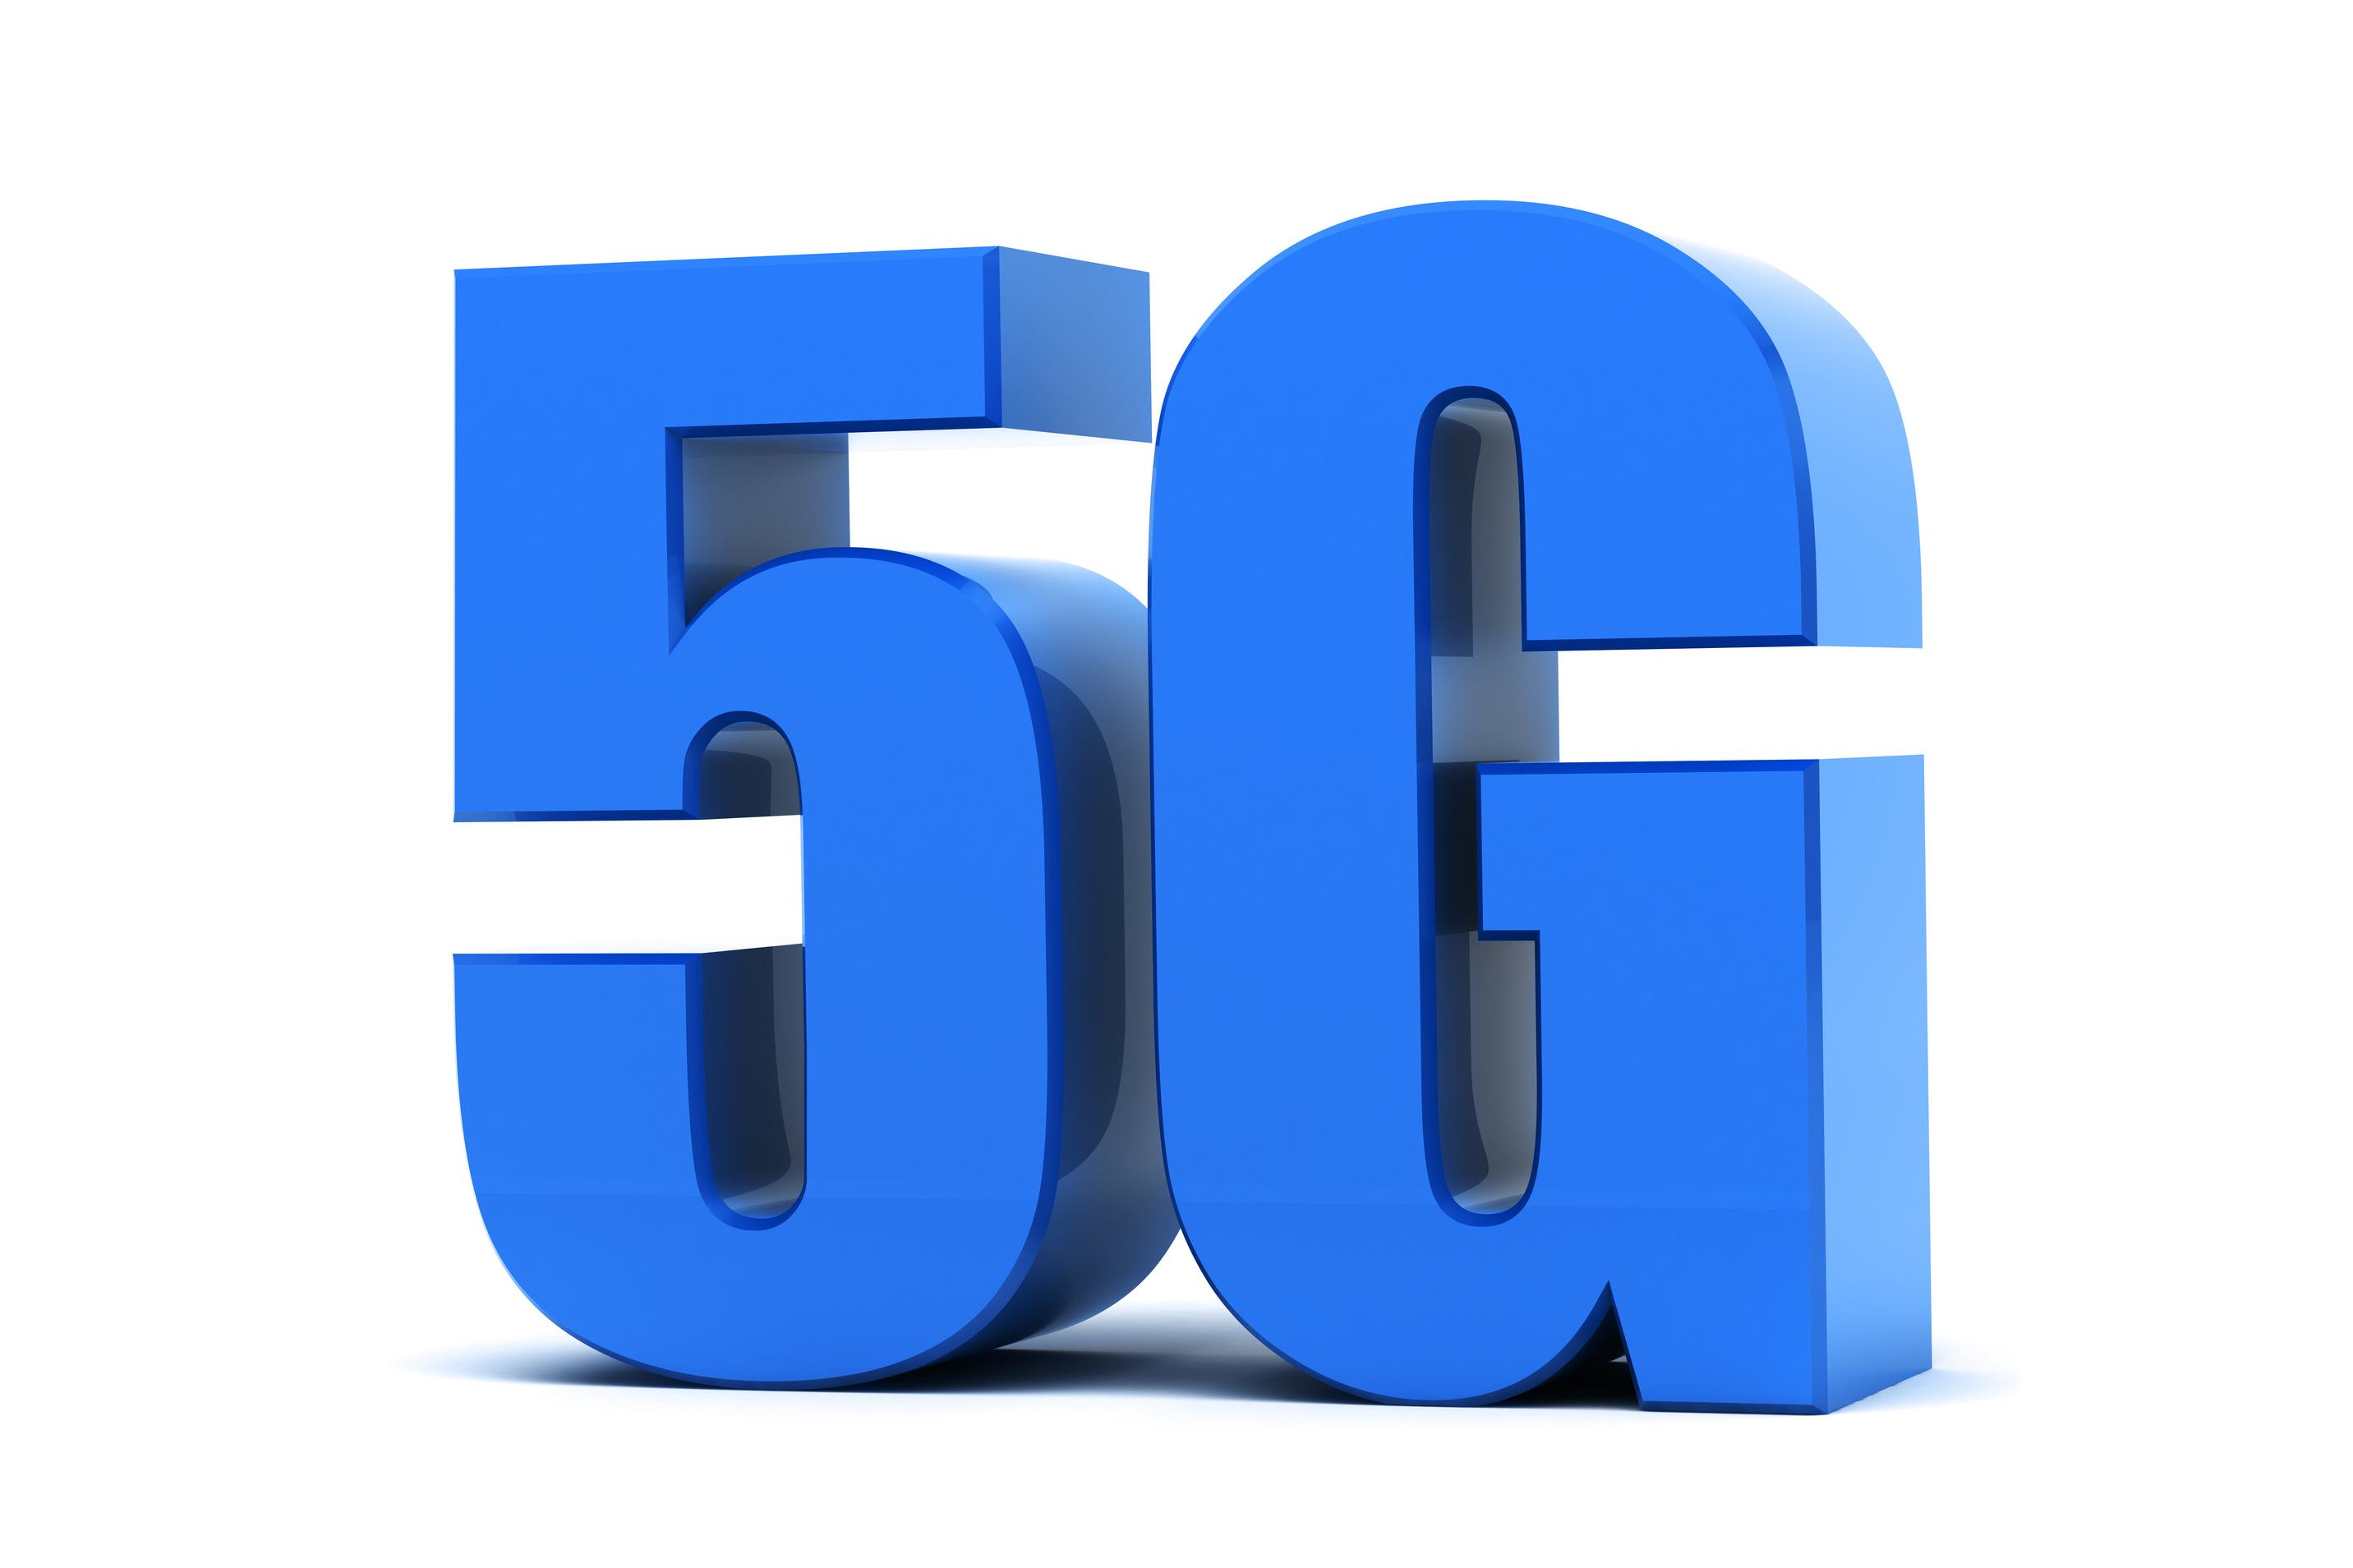 اینترنت نسل پنجم یا 5G چیست؟